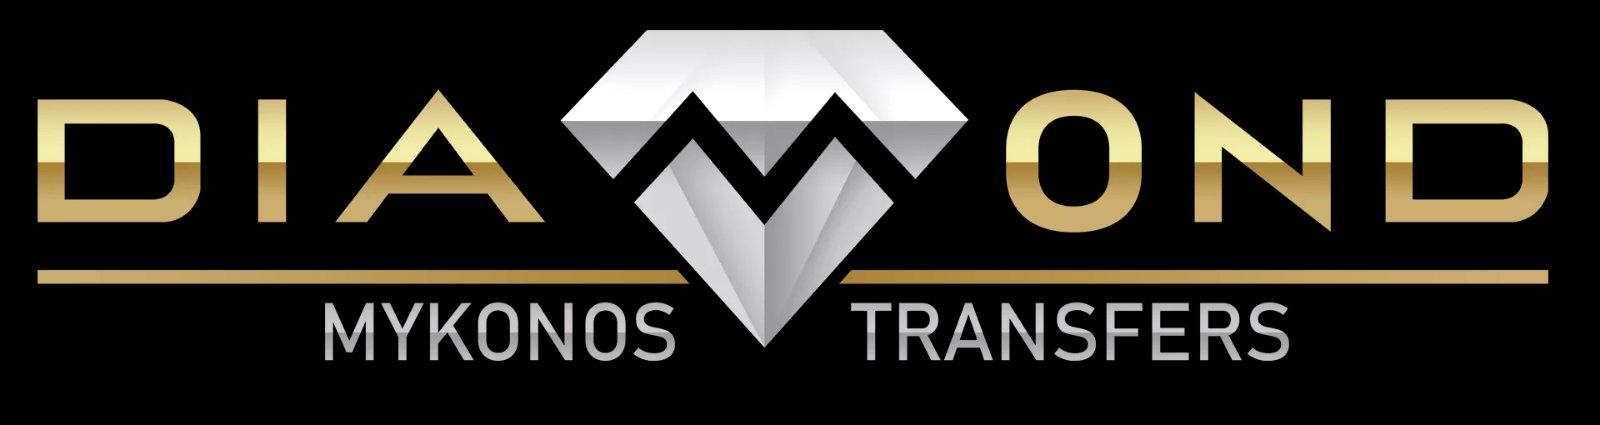 Diamont Mykonos Transfers Ενοικιάσεις αυτοκινήτων Μύκονος Αθήνα